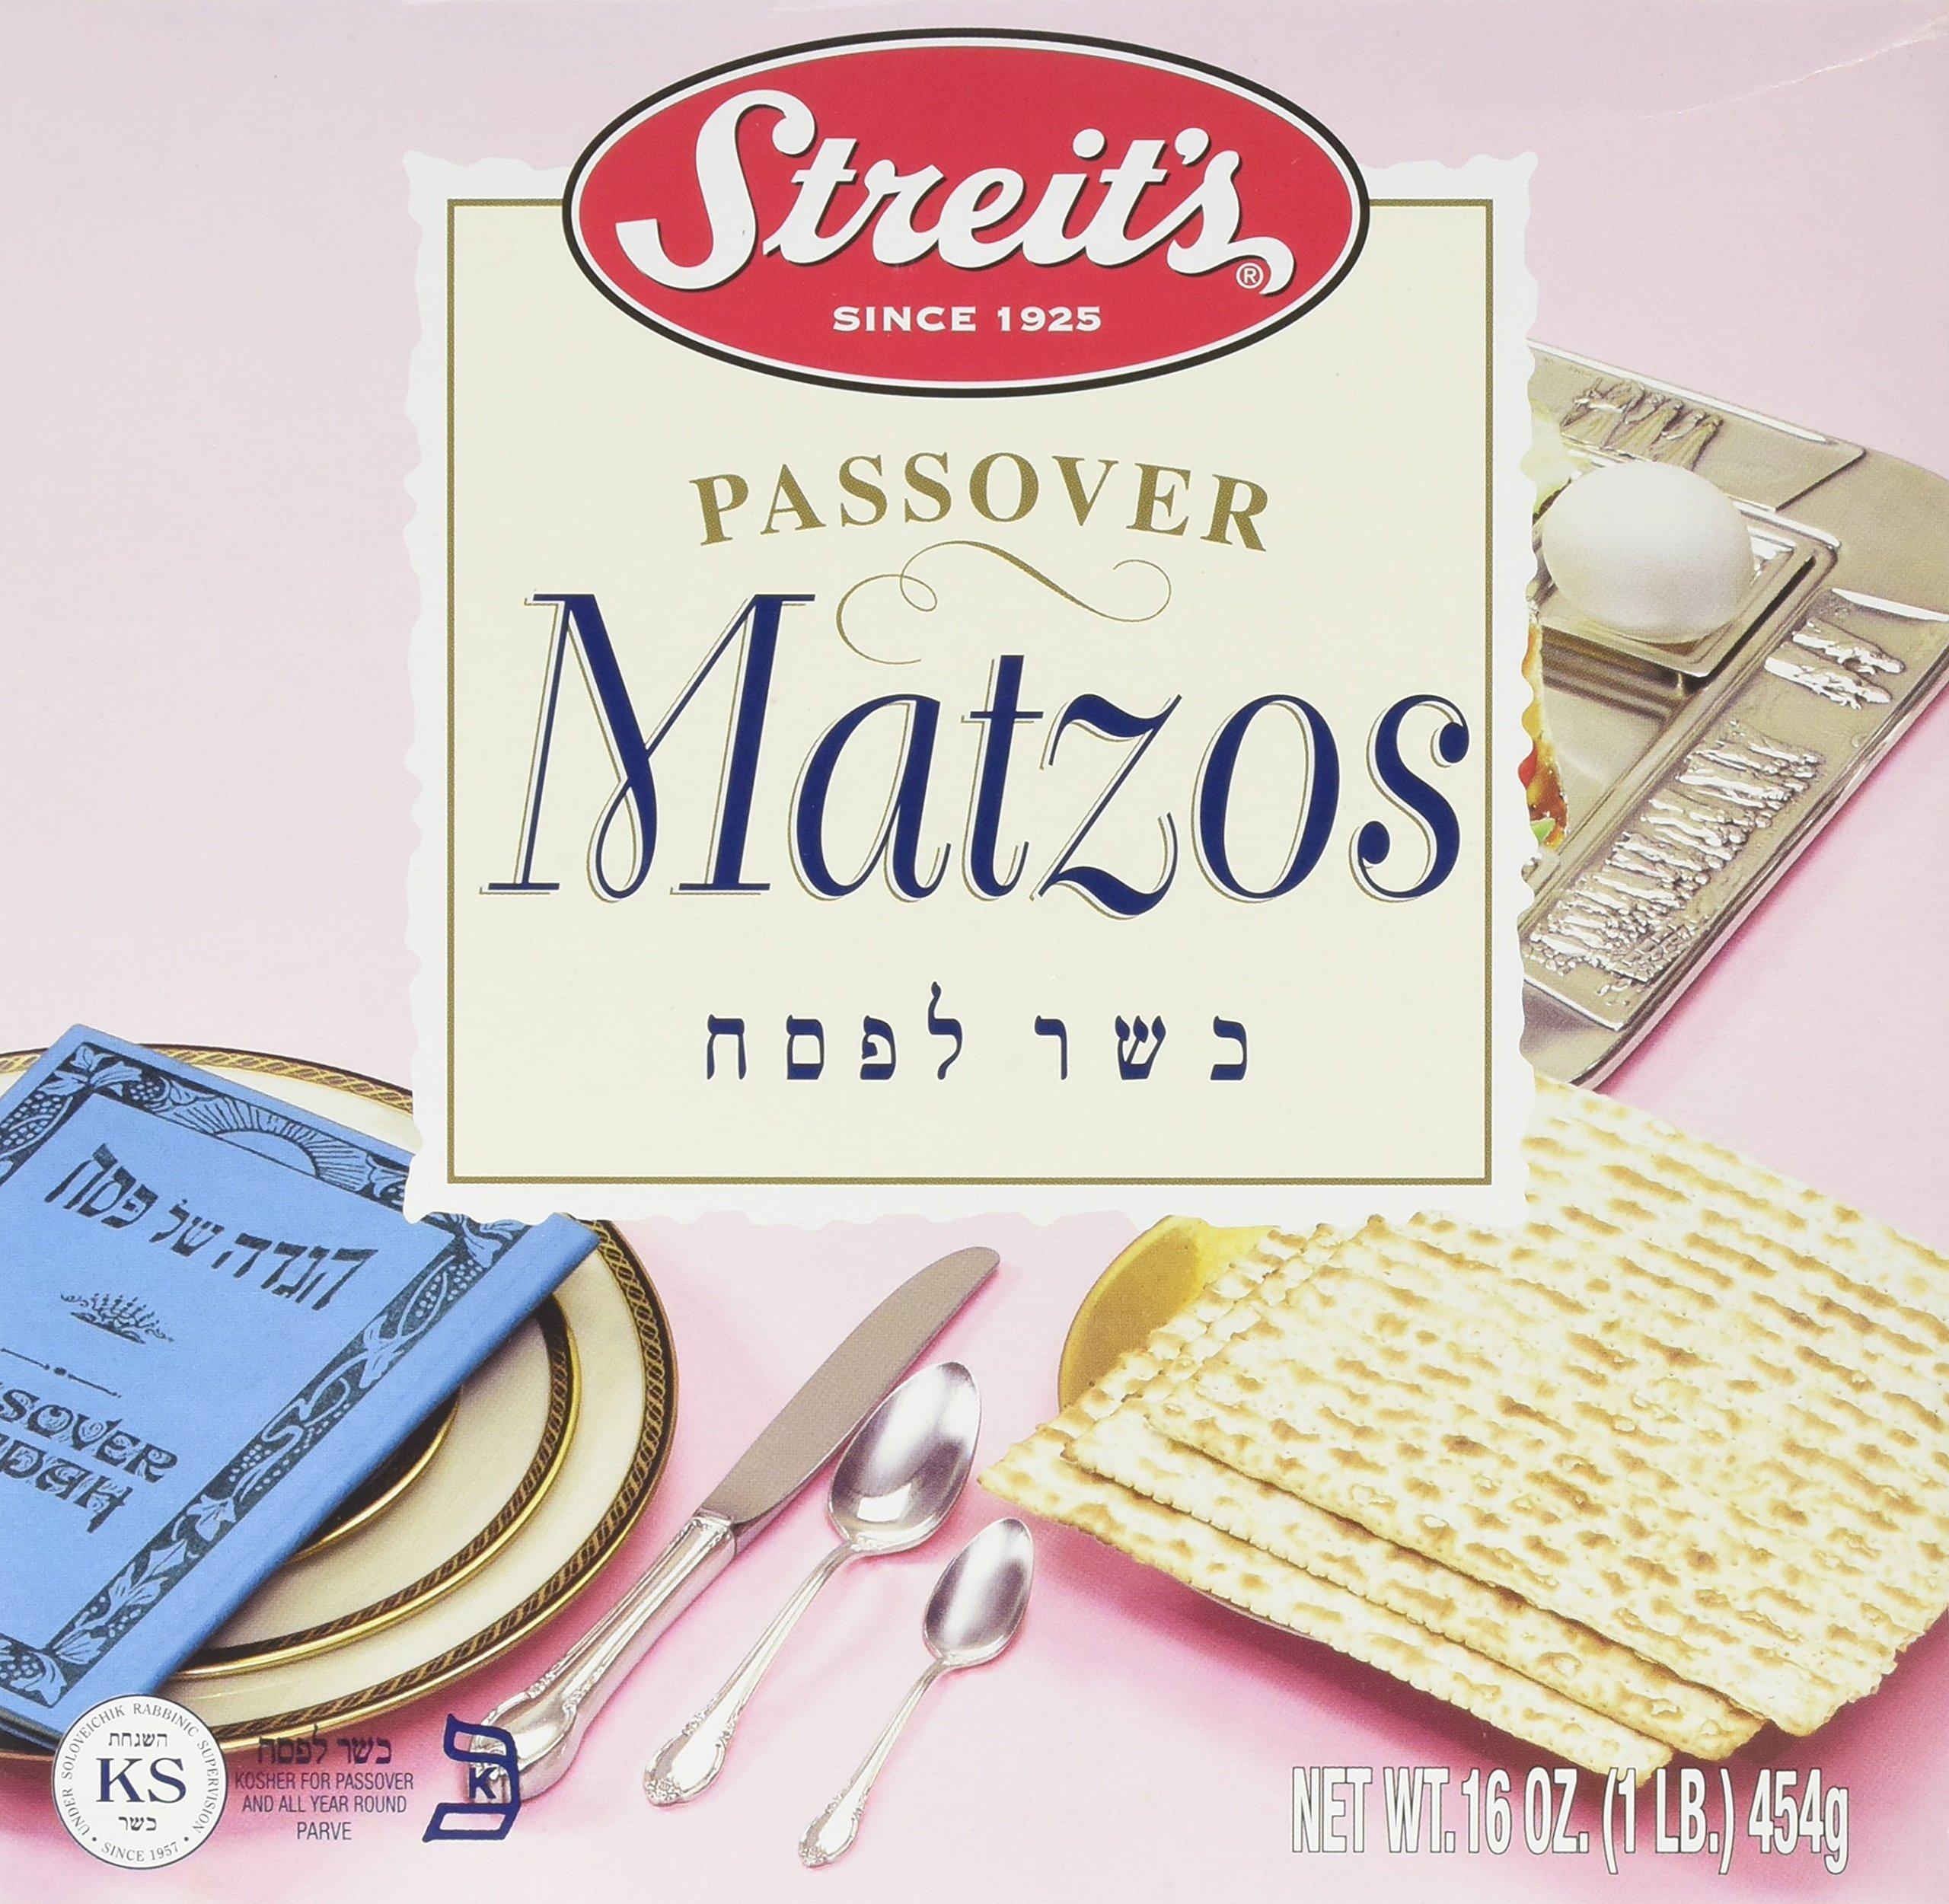 Streit's Passover Matzos, 16 oz by Streit's